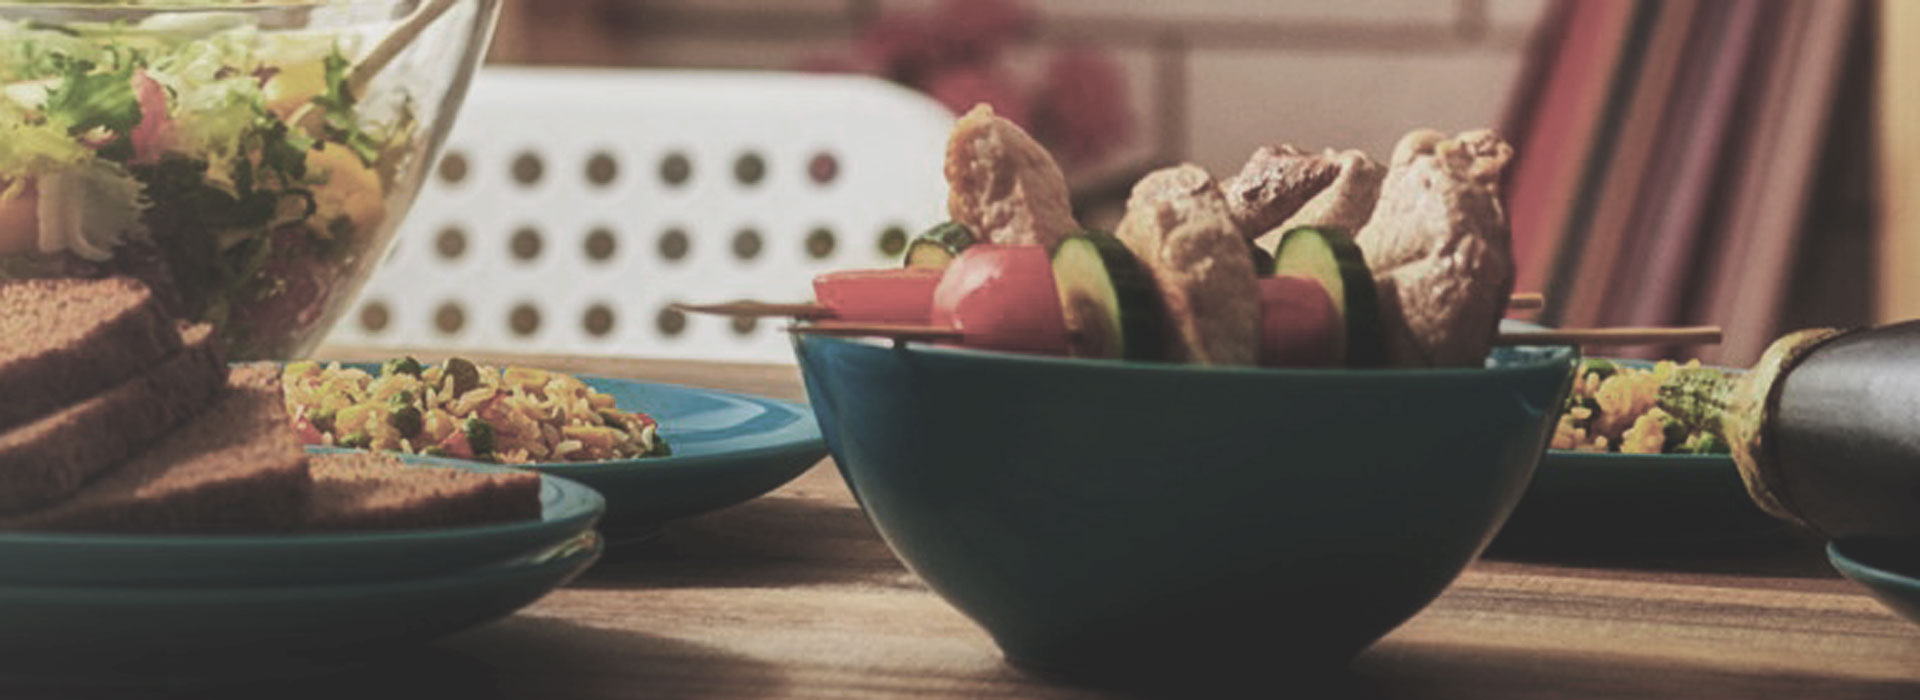 2016食品包裝標示研究調查